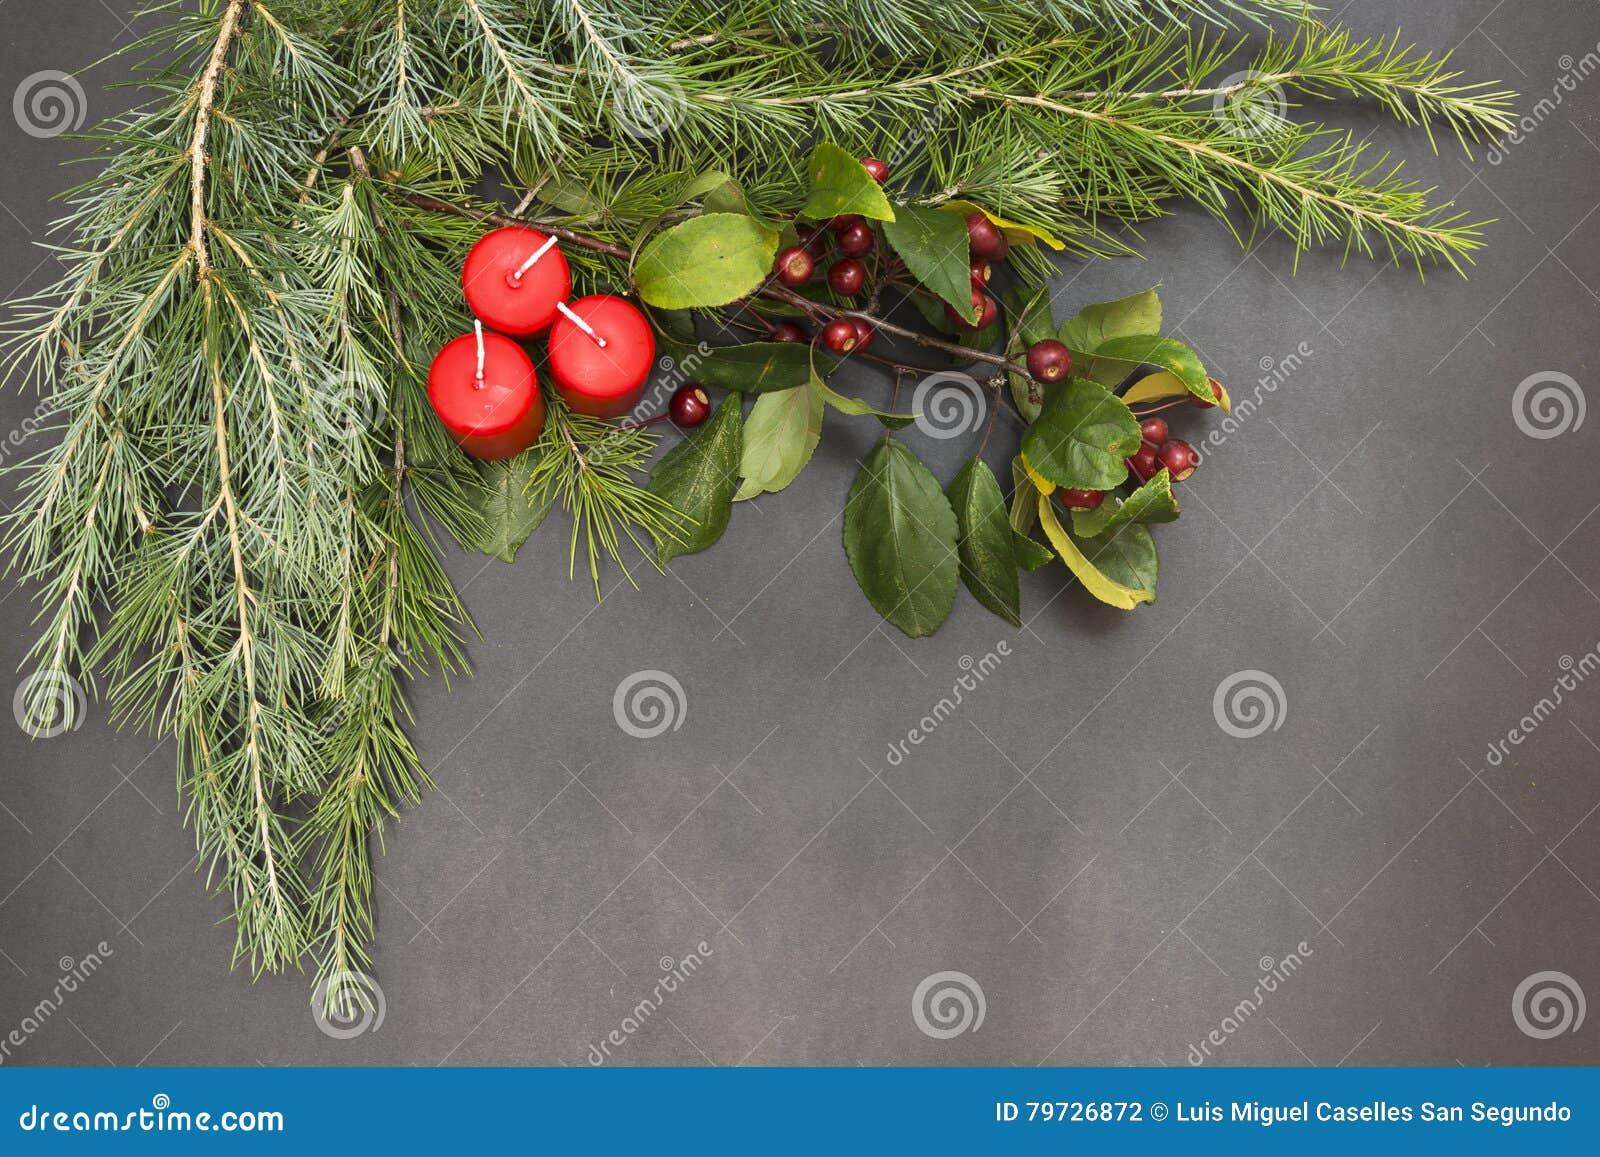 Tarjeta de felicitación con Feliz Navidad del partido de la decoración y Feliz Año Nuevo